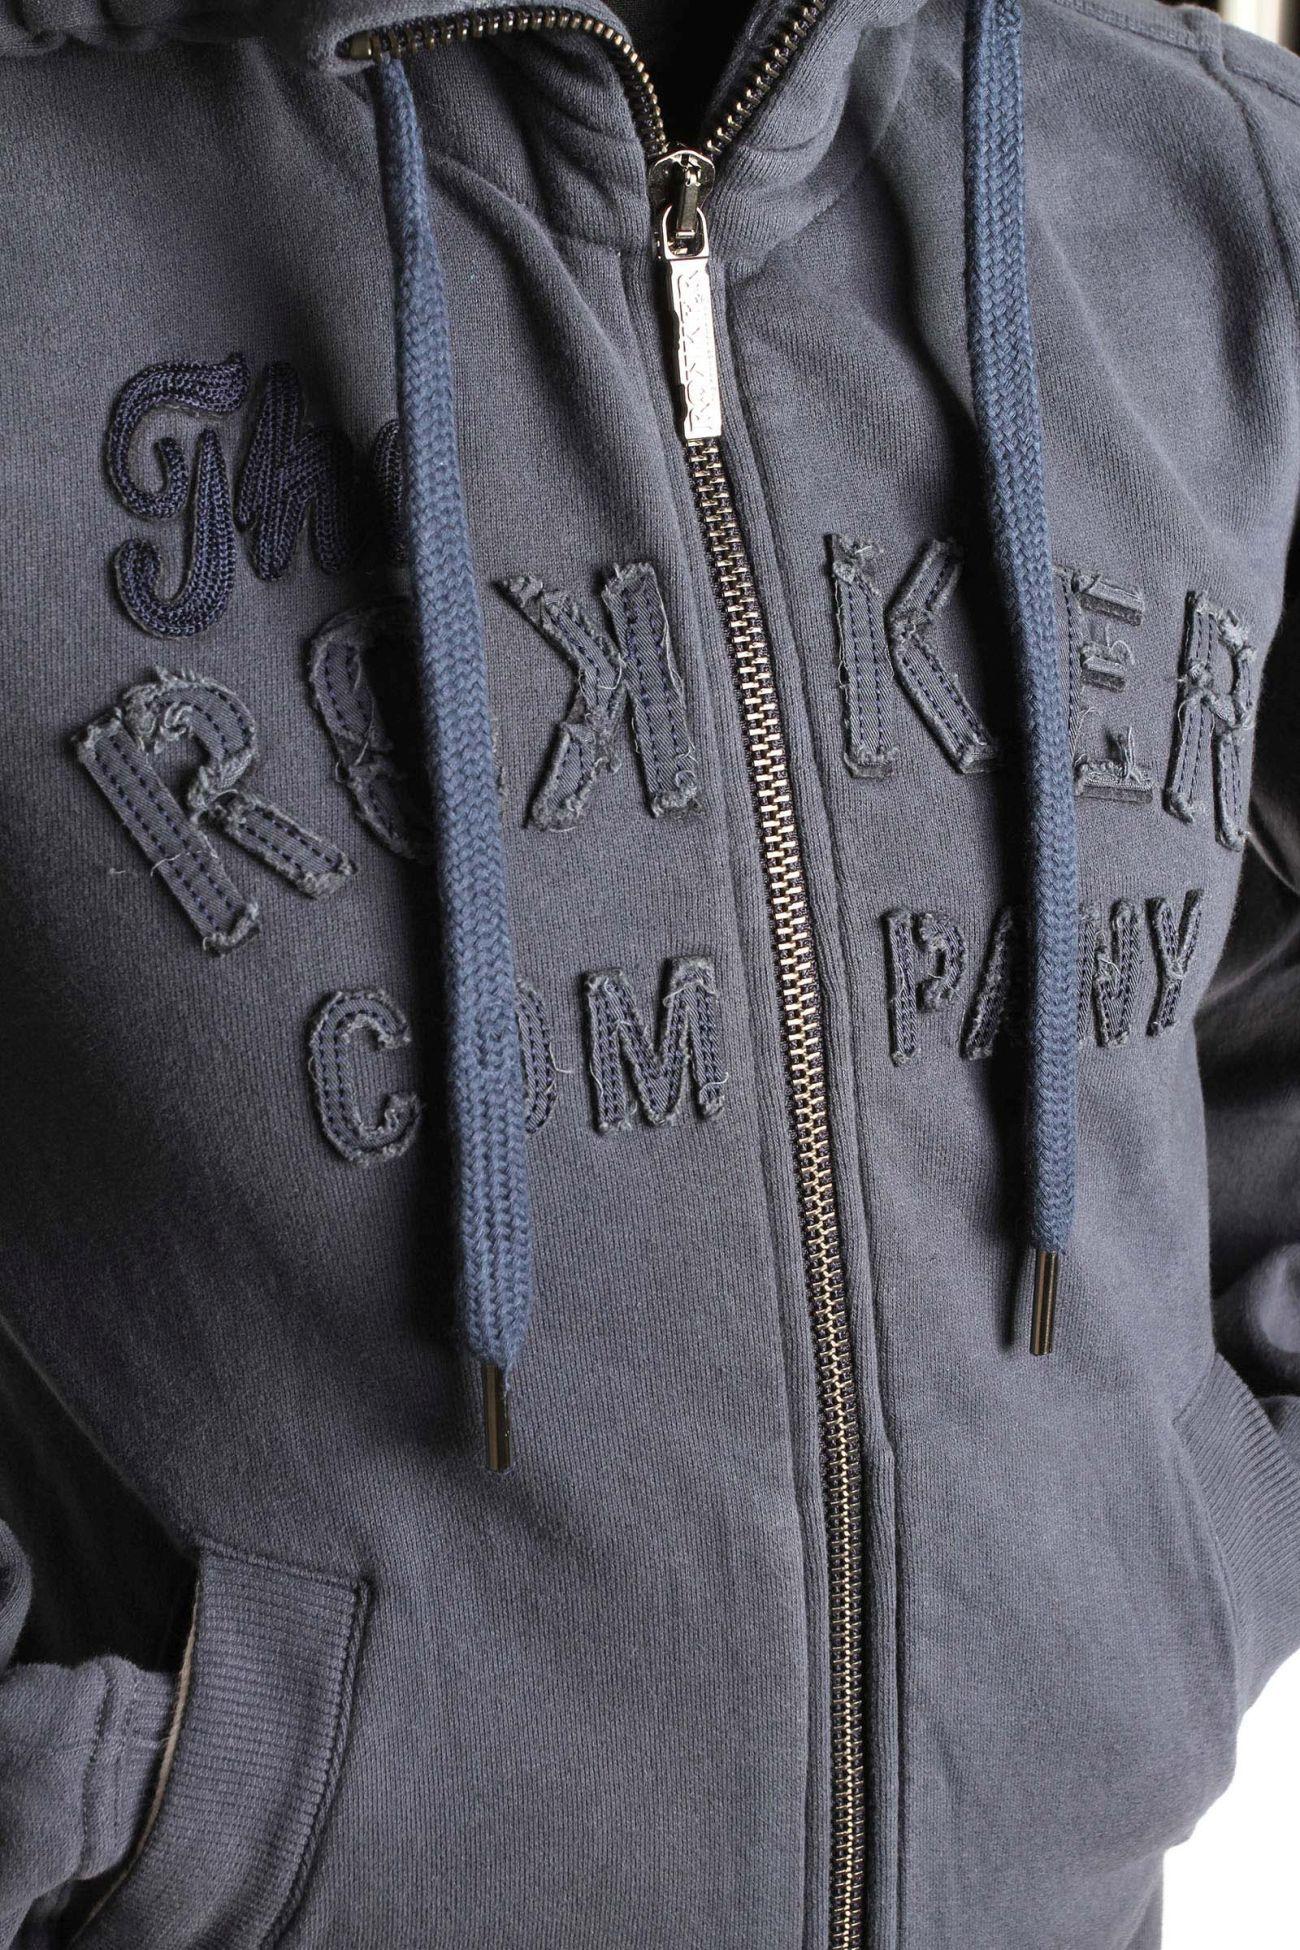 c6b07c48de3948 ... Rokker Rokker Womens Zip Hoodie TRC, dark navy - C5100208 ...